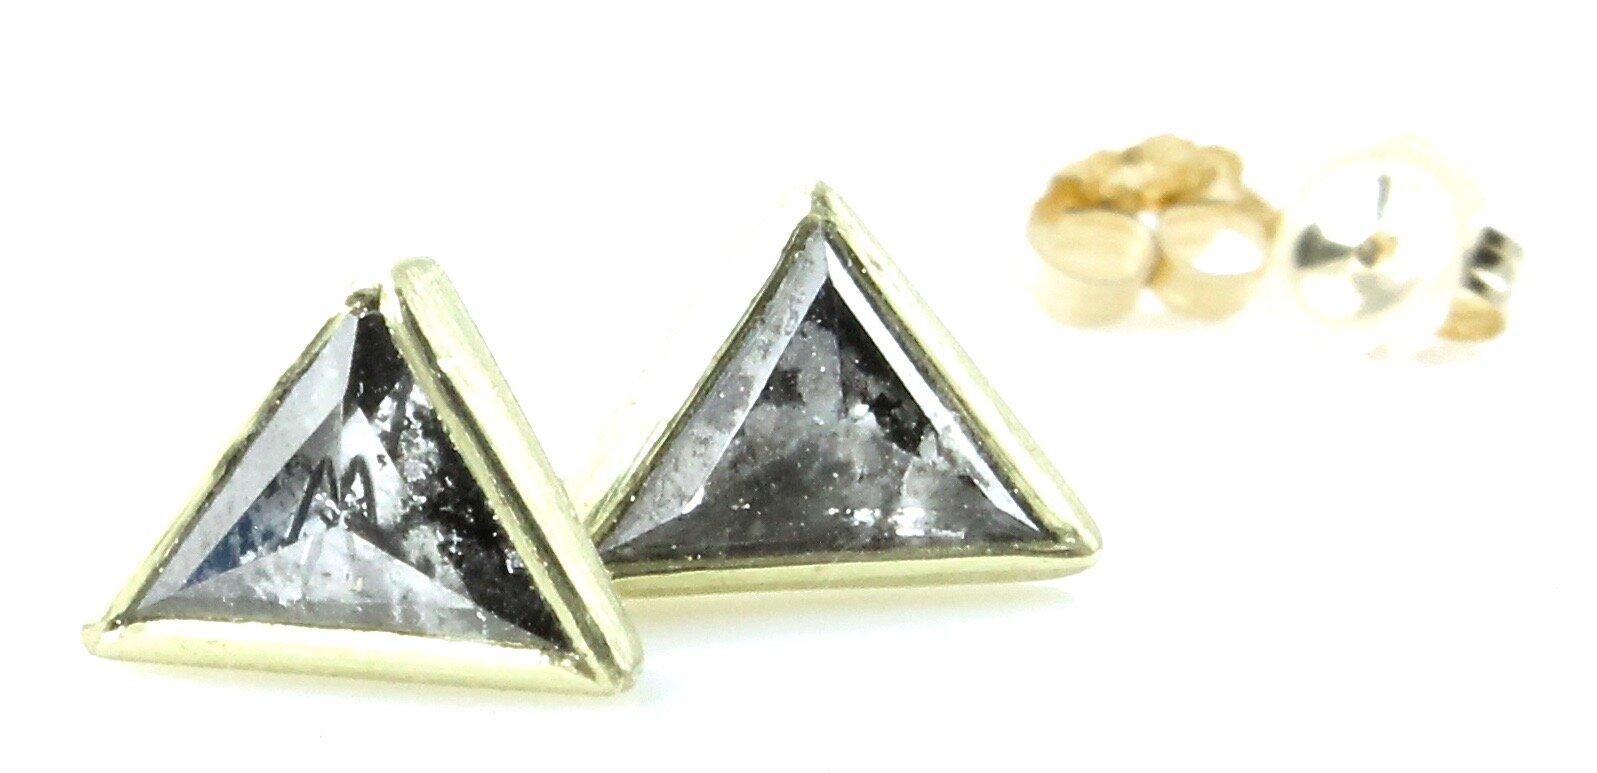 Salt & pepper diamond stud earrings with 18k gold